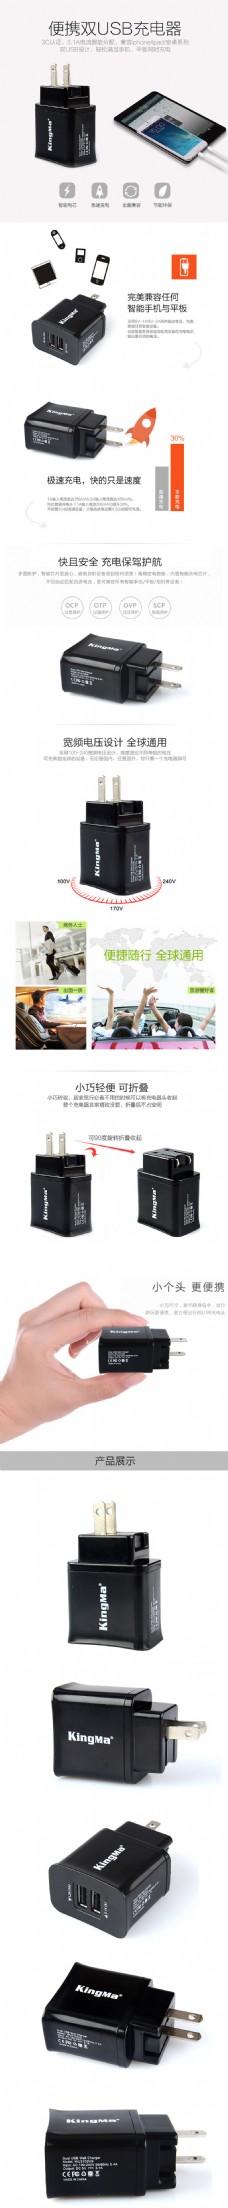 淘宝双口USB快速充电器 充电头详情